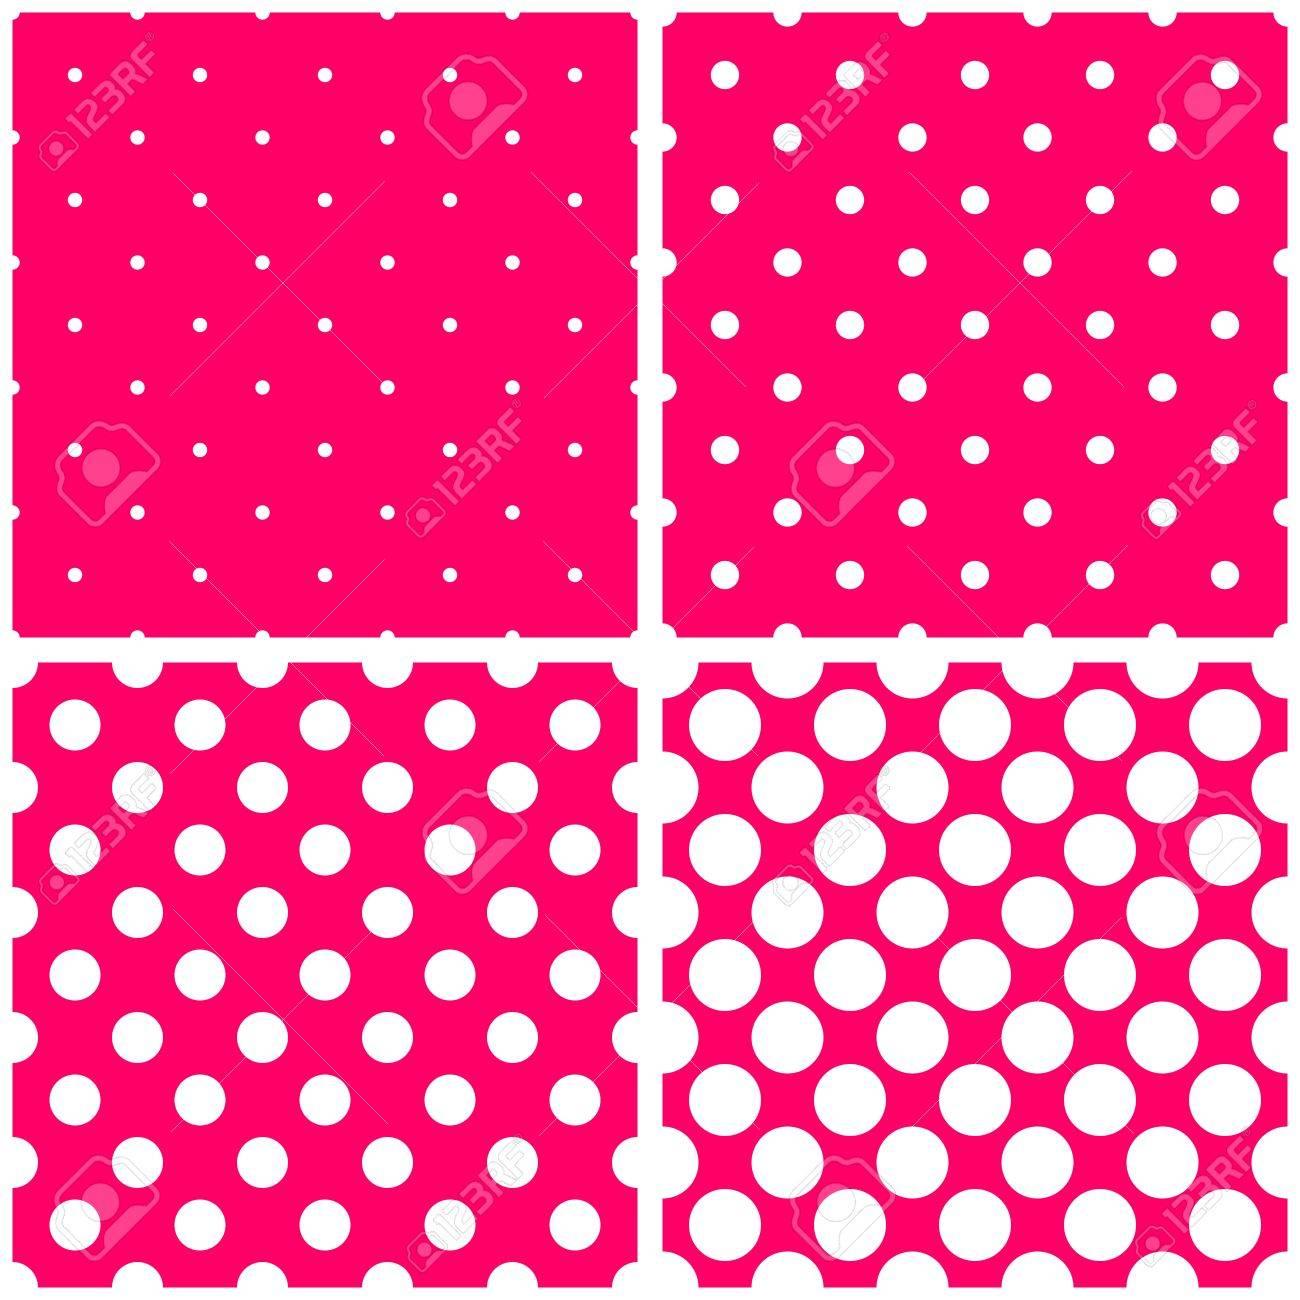 ピンクのベクトルの背景に白の水玉を設定します 甘いレトロの生地タイル パターンのコレクションは子供のウェブサイトのデザインの背景やデスクトップ壁紙のためのスポットでのイラスト素材 ベクタ Image